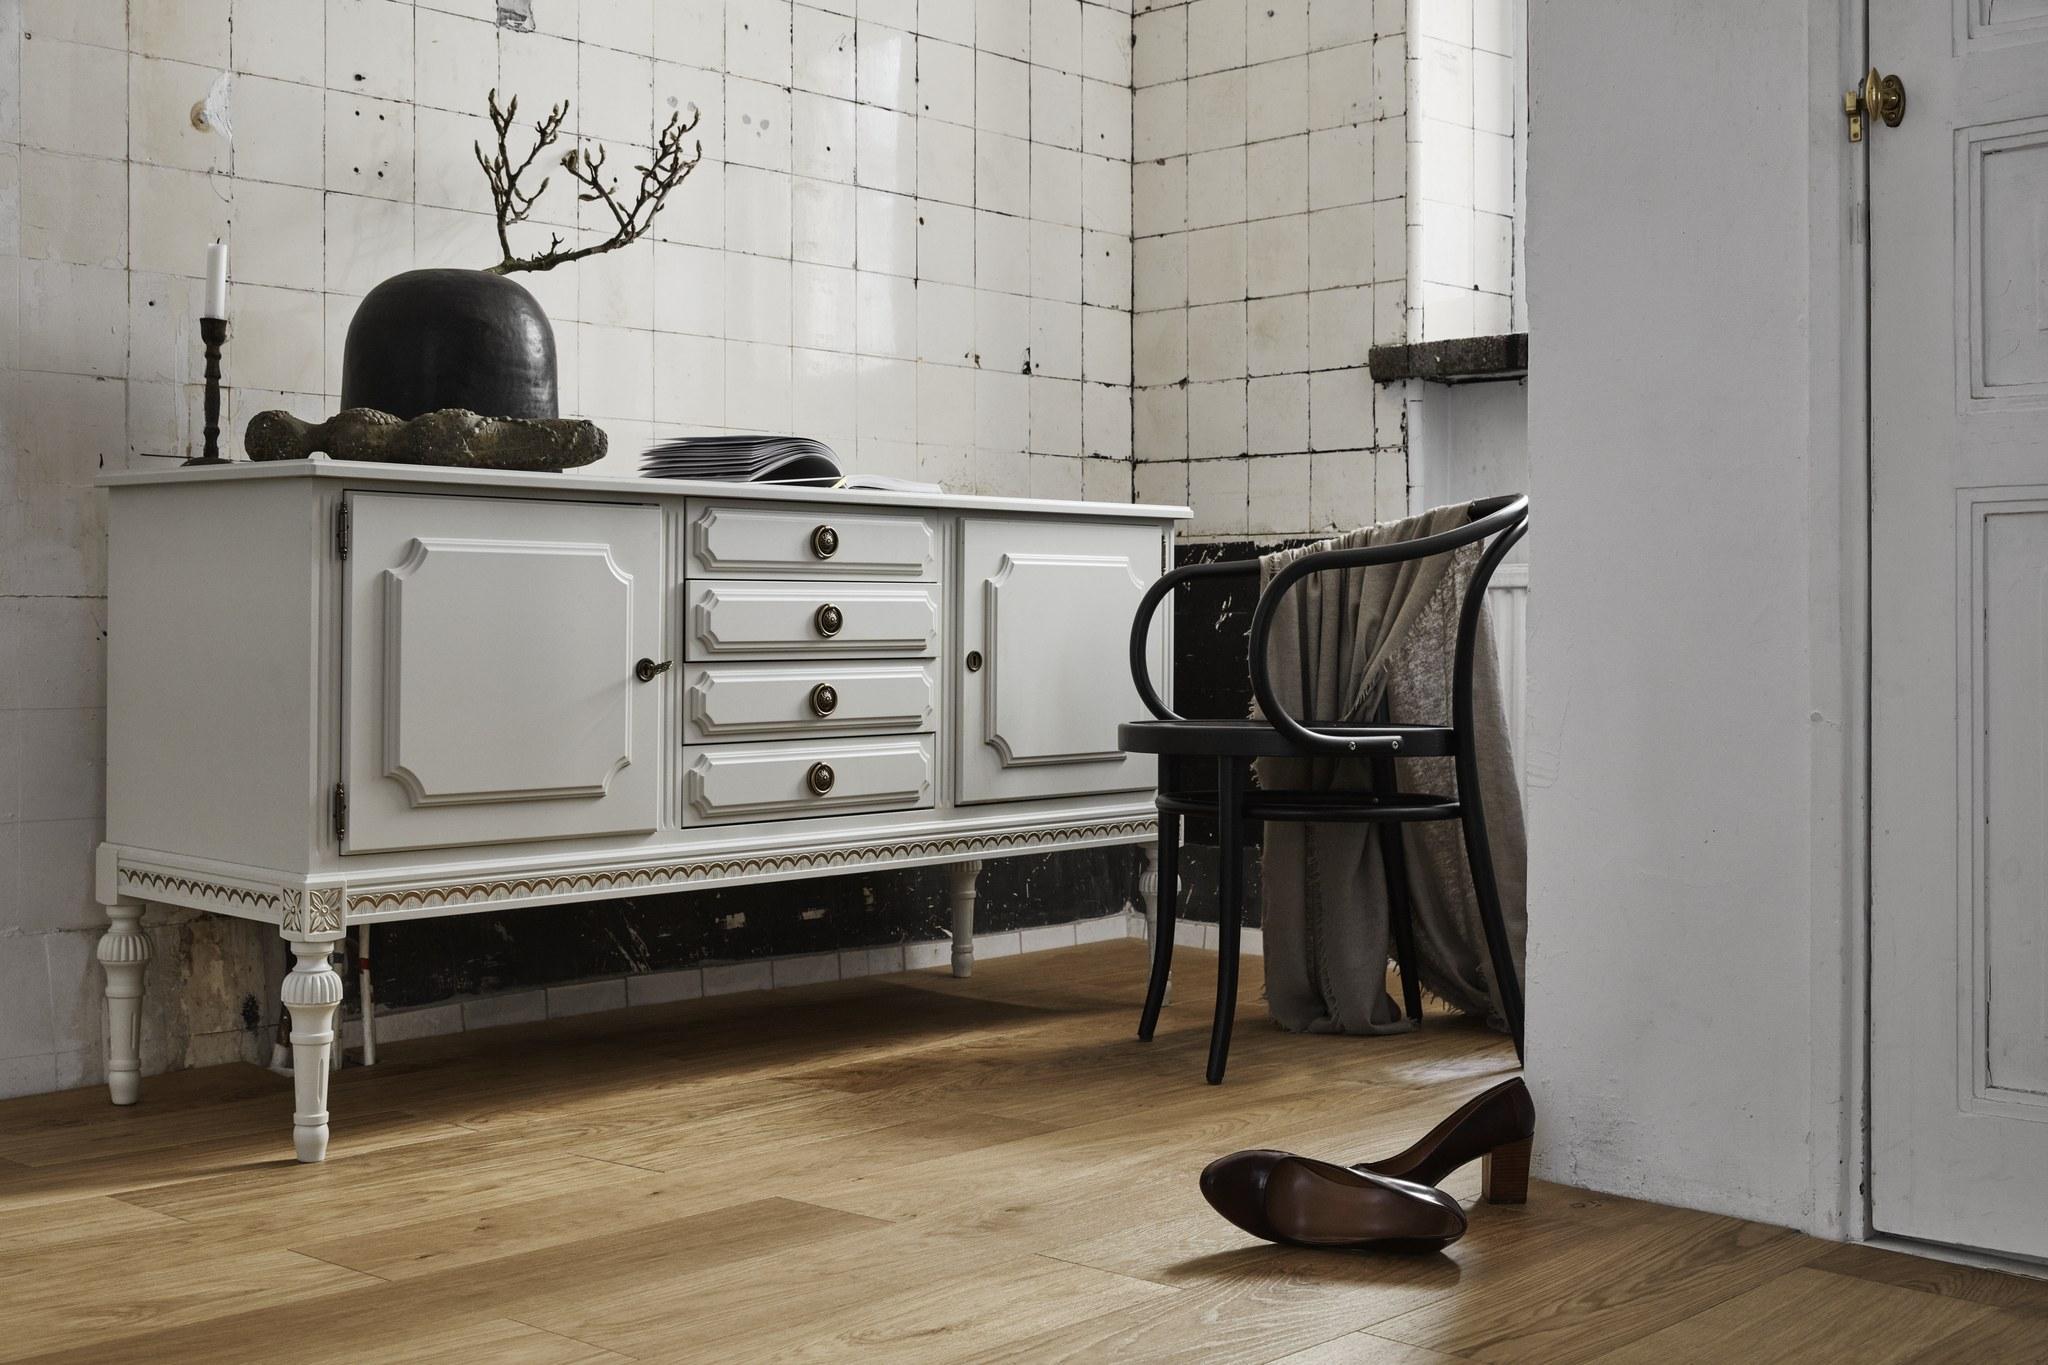 Timberwise Tammi Oak Tile Pattern 185x925mm Harjattu Brush Oljyvahattu Waxoil Vaaka